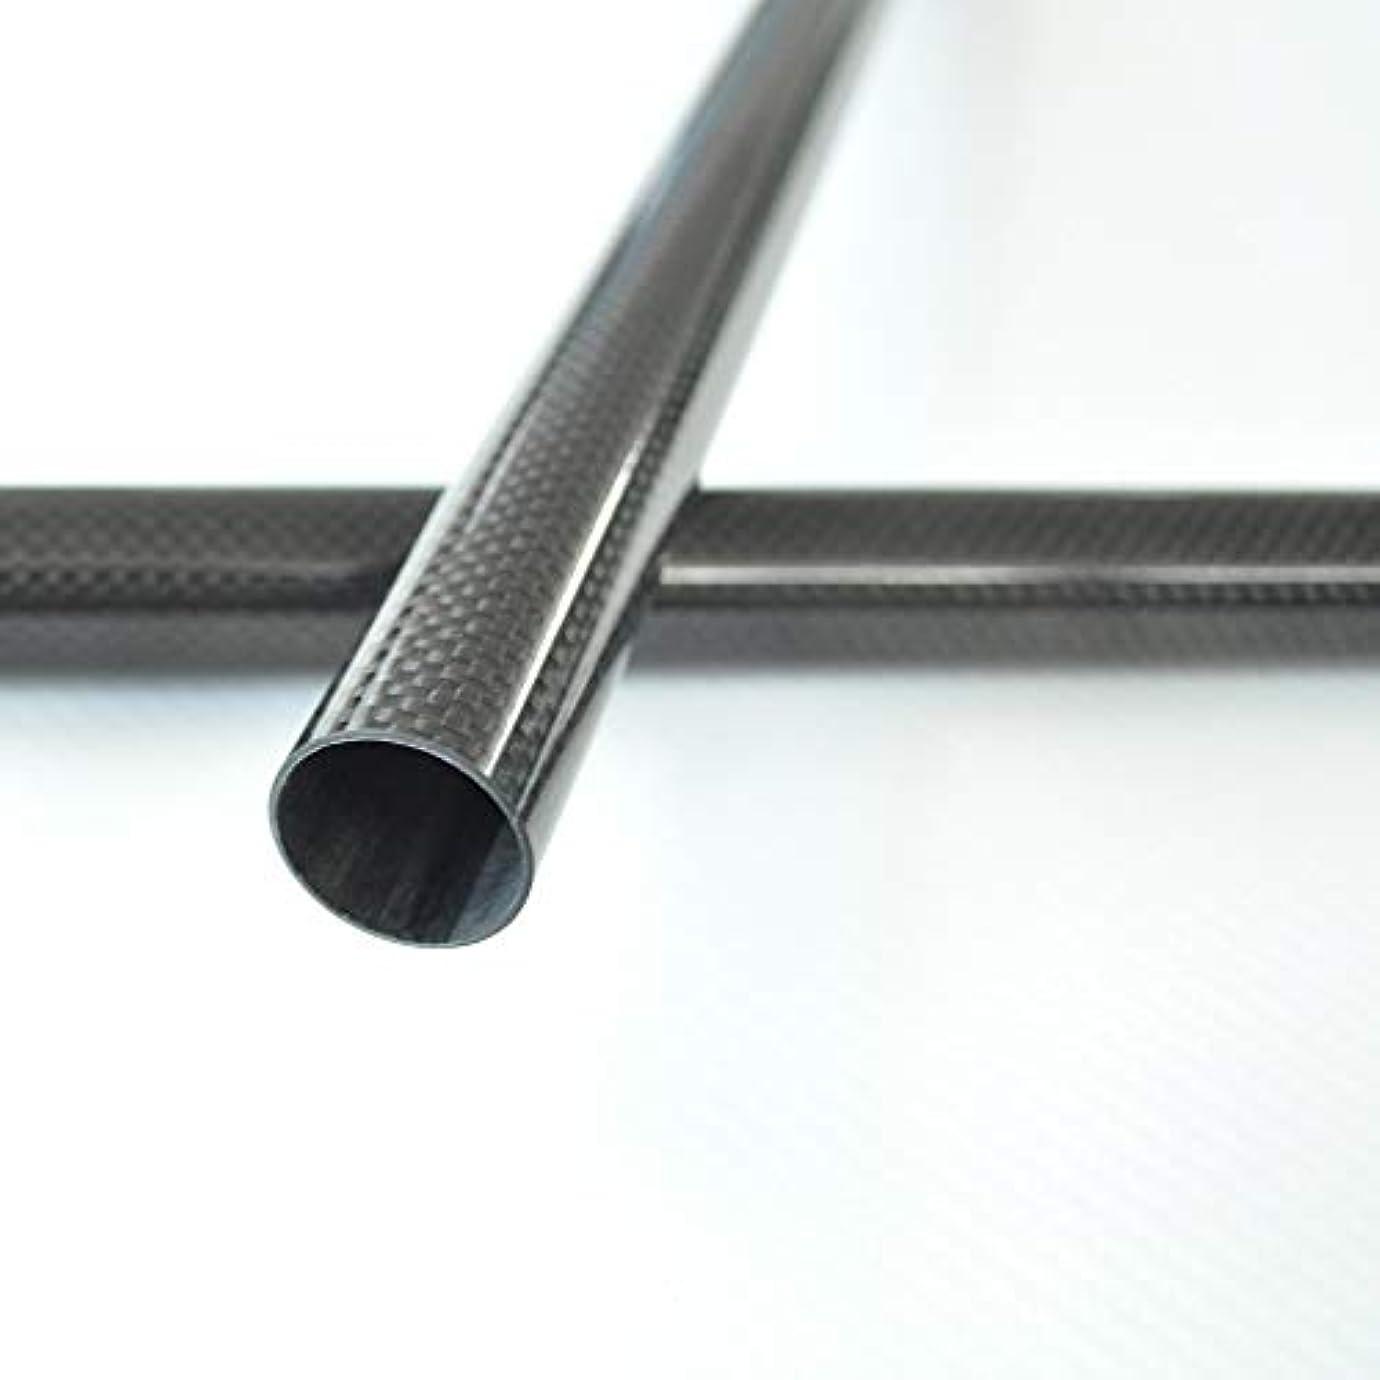 シフトステートメント家族Abester 3K カーボンパイプ 中空チューブ 炭素繊維 外径 5mm 6mm 7mm 8mm 9mm 10mm 長さ500mm (2本 6mm x 4mm x 500mm 平織光沢)